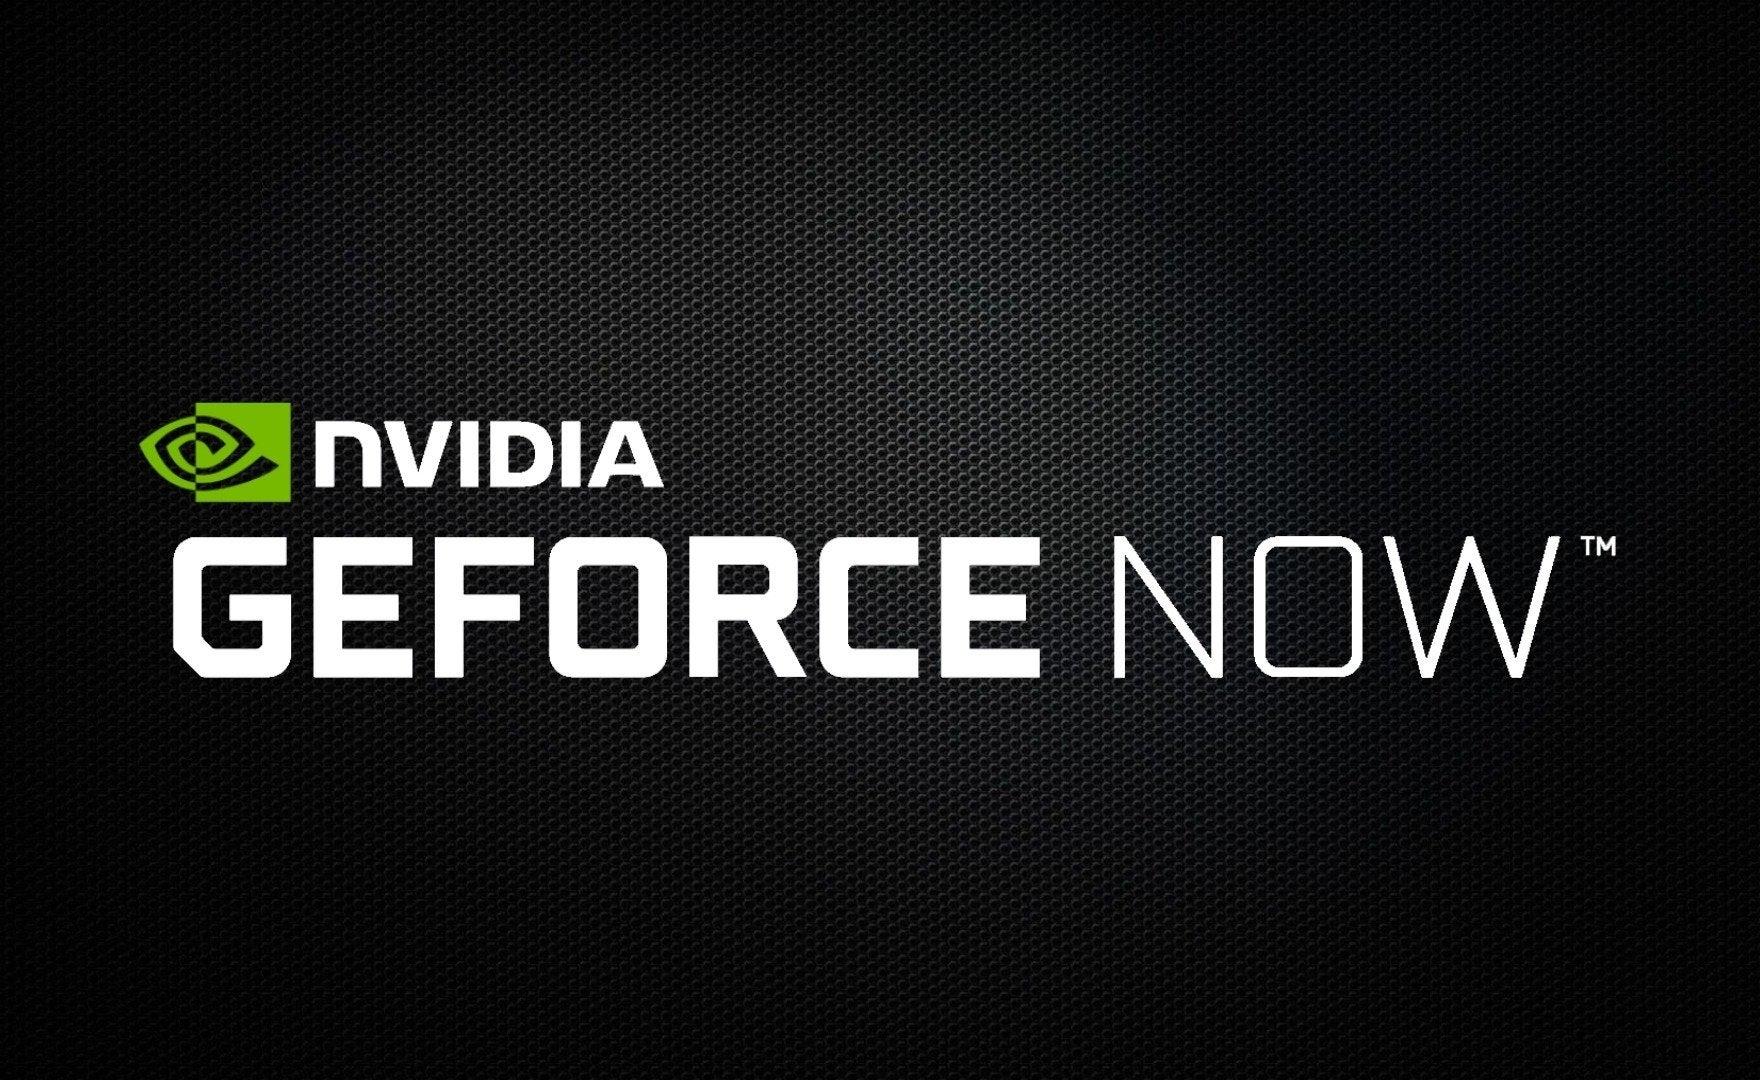 NVIDIA GeForce NOW continua a crescere, ecco tutte le novità